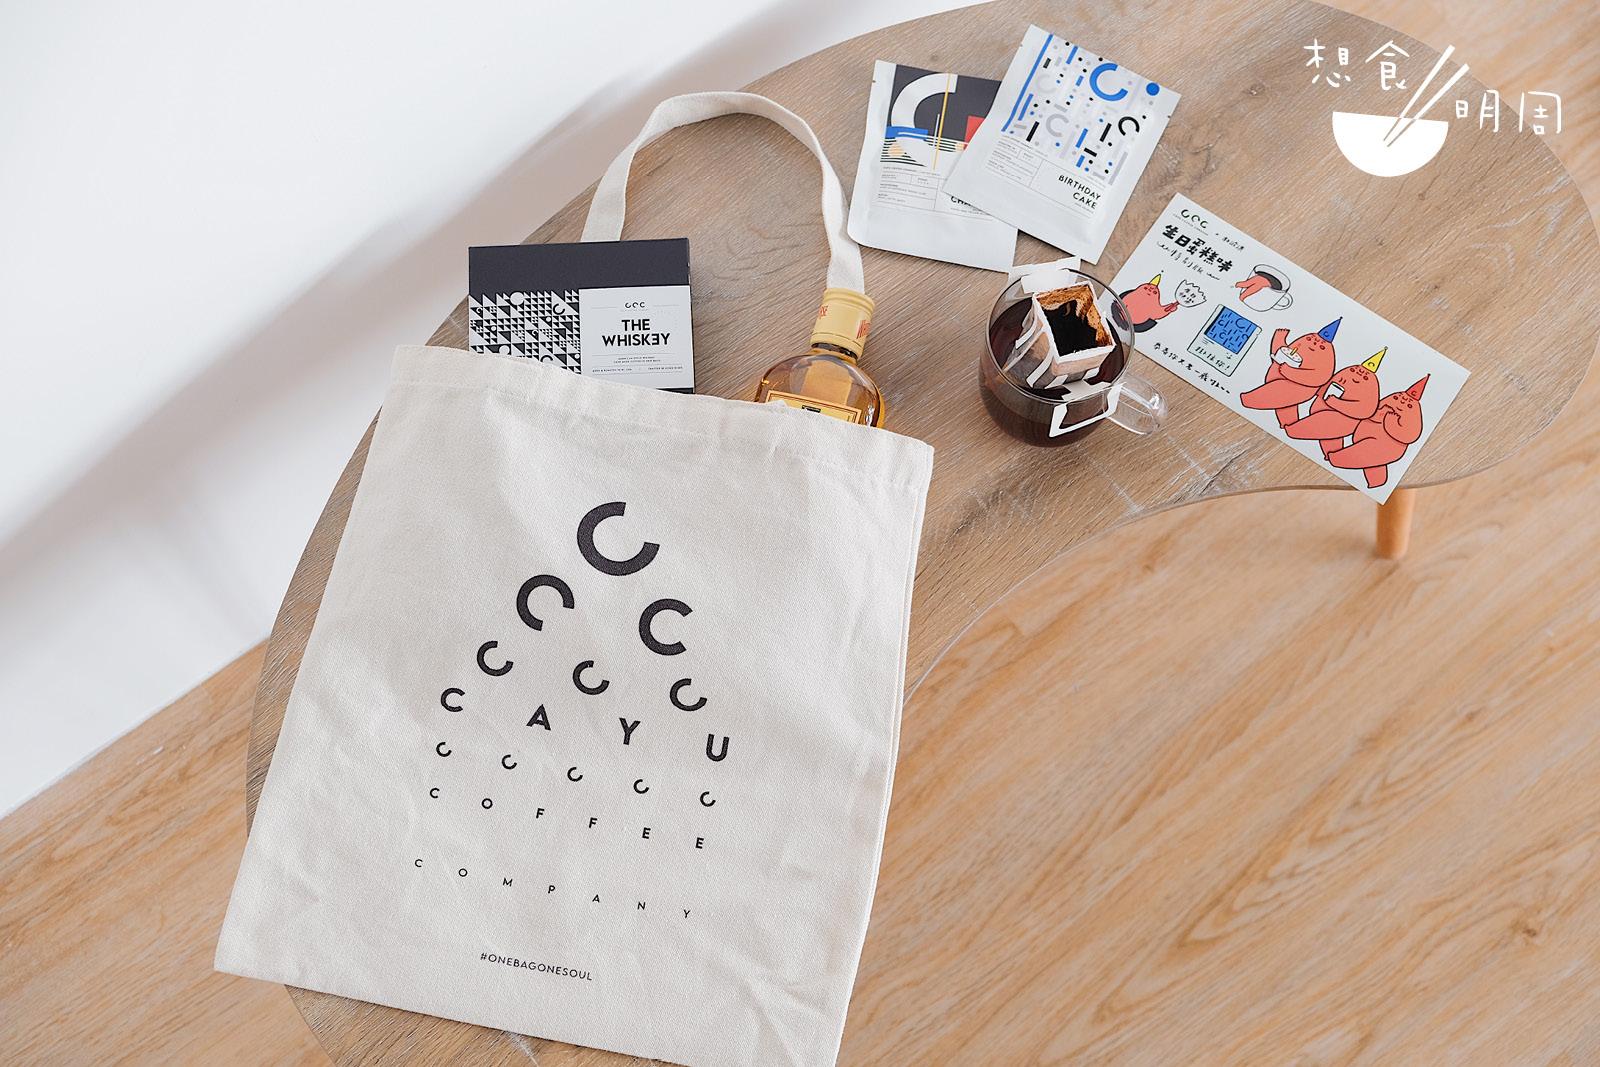 帶着這tote bag去cafe,可以增加一點「文青」氣息嗎?